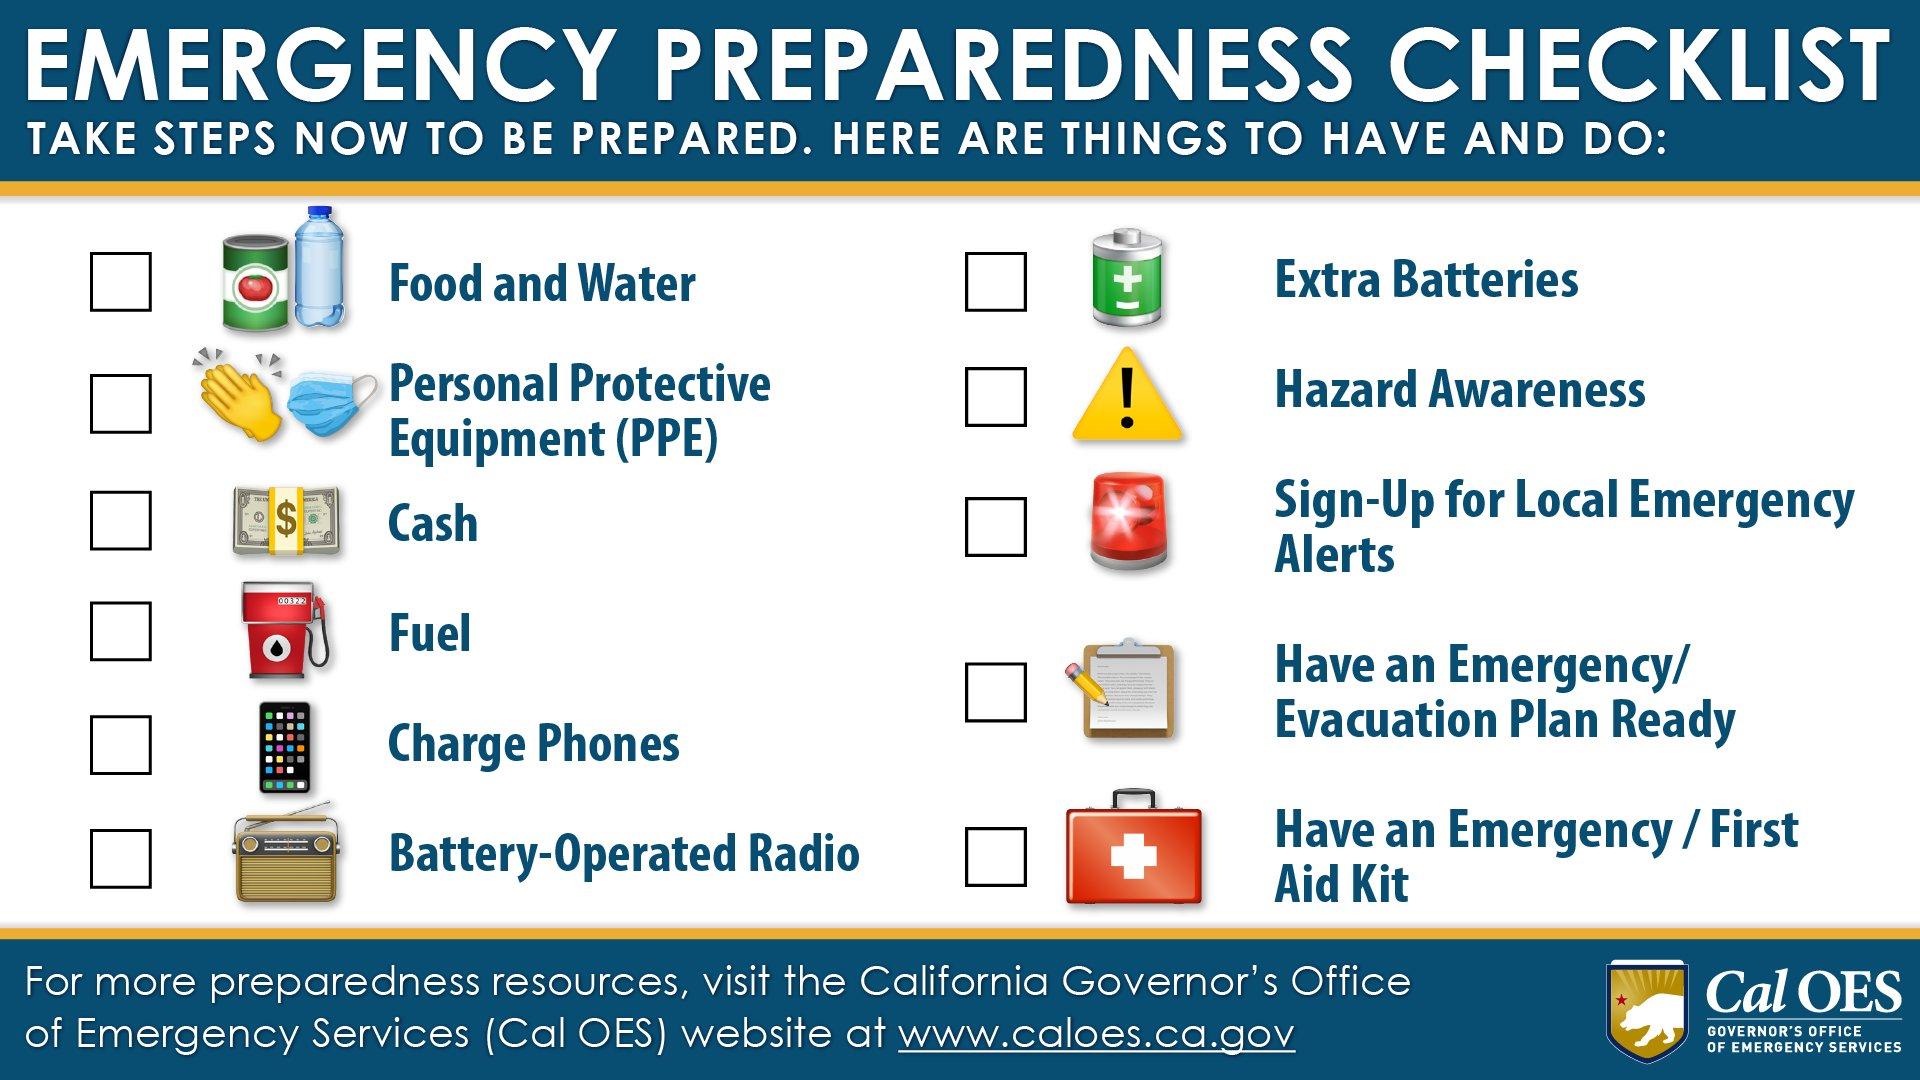 emergency preparedness checklist graphic